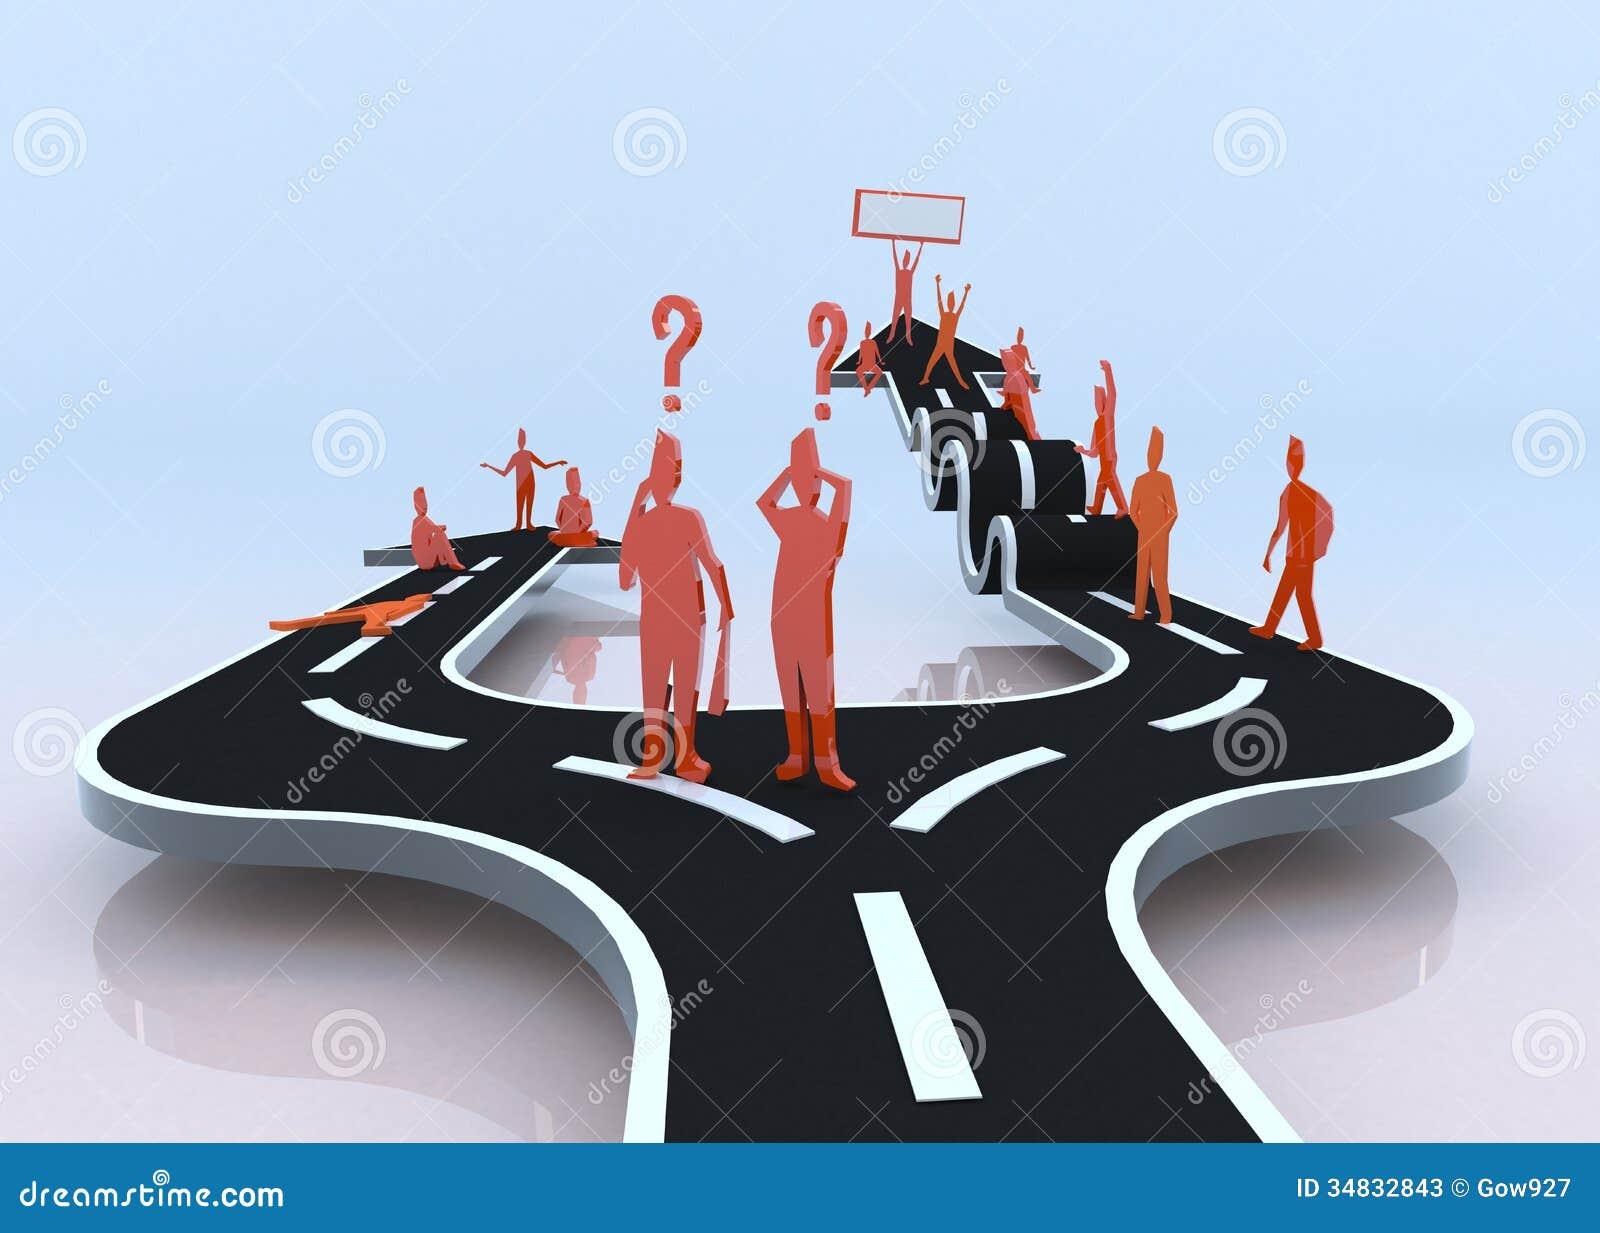 Welke Weg U Zult Kiezen? De Luiheid Of De Ontbering? (3D) Stock Foto u0026#39;s   Afbeelding  34832843